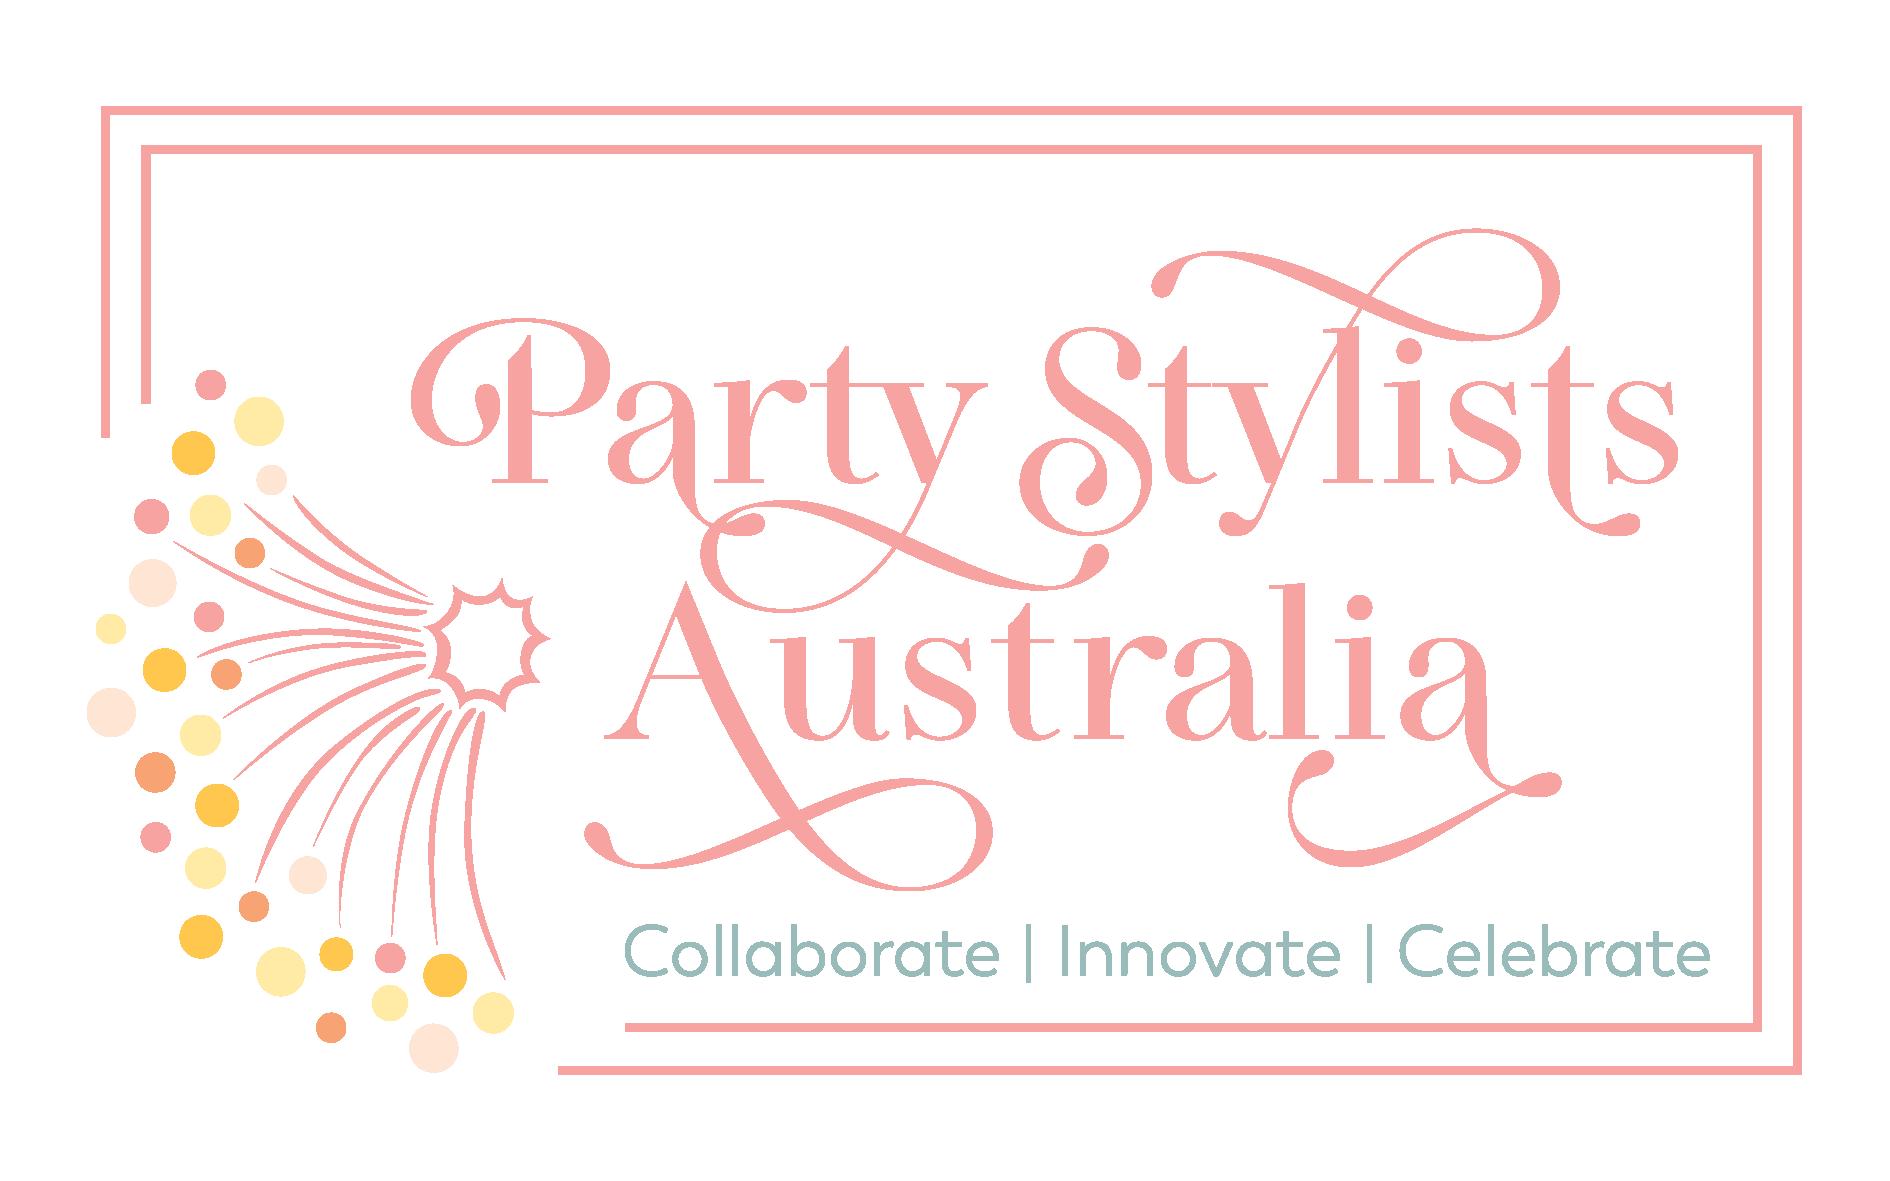 Party Stylists Australia